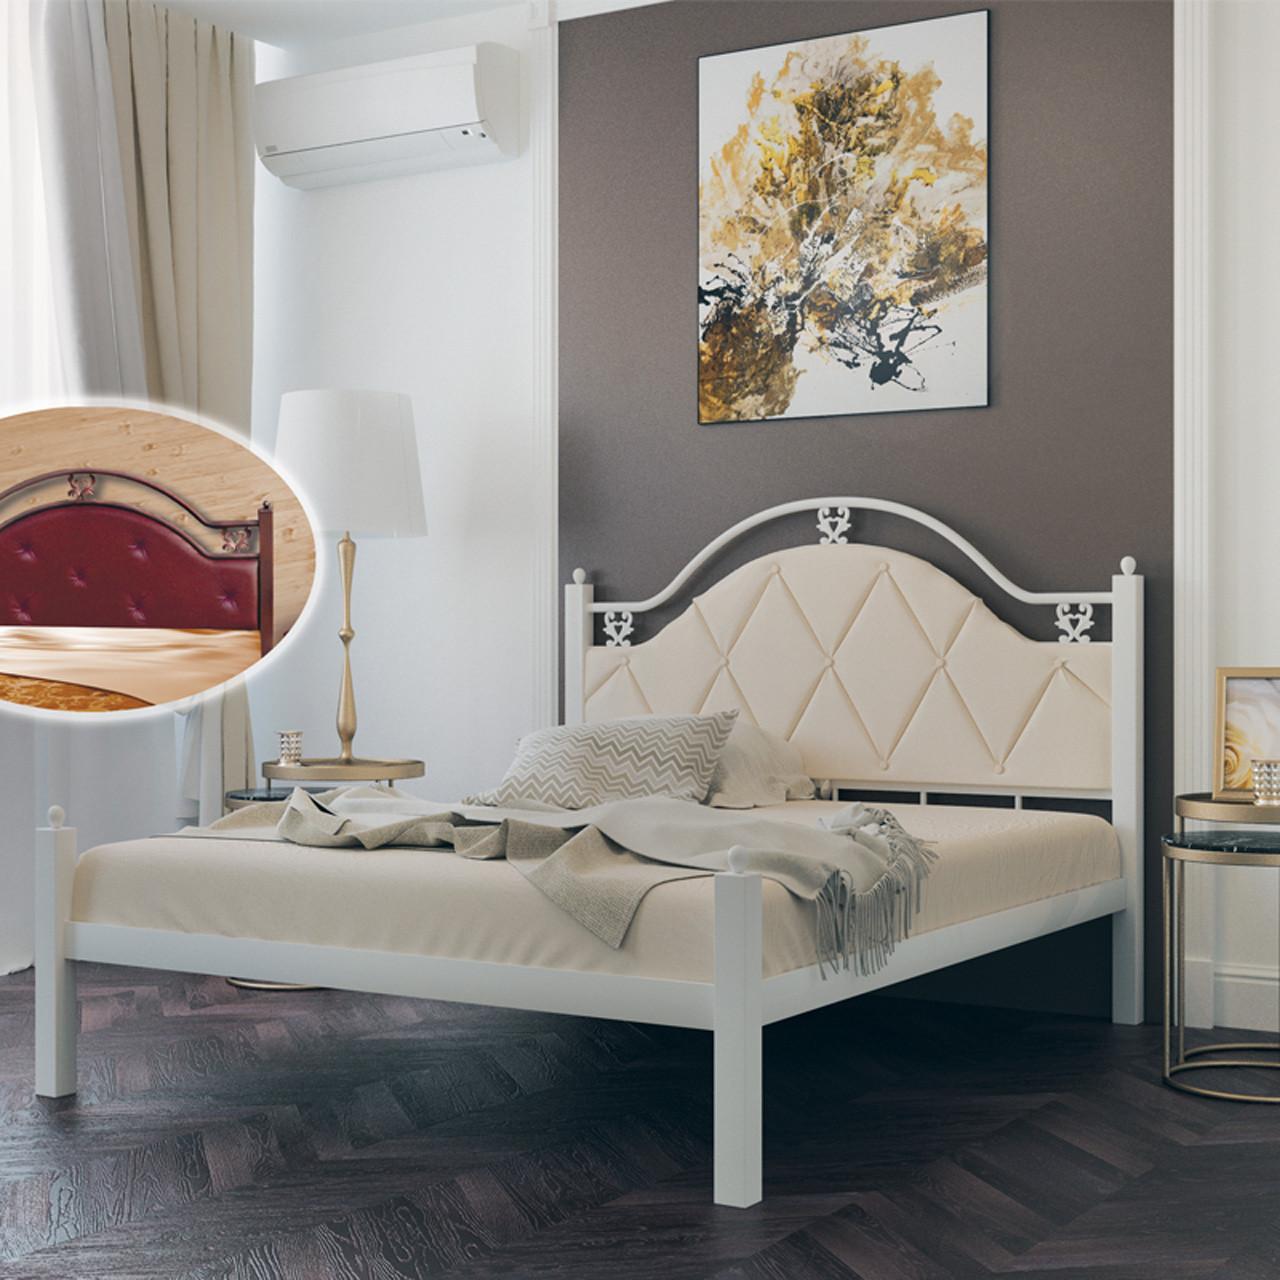 Ліжко металеве двоспальне Есмеральда